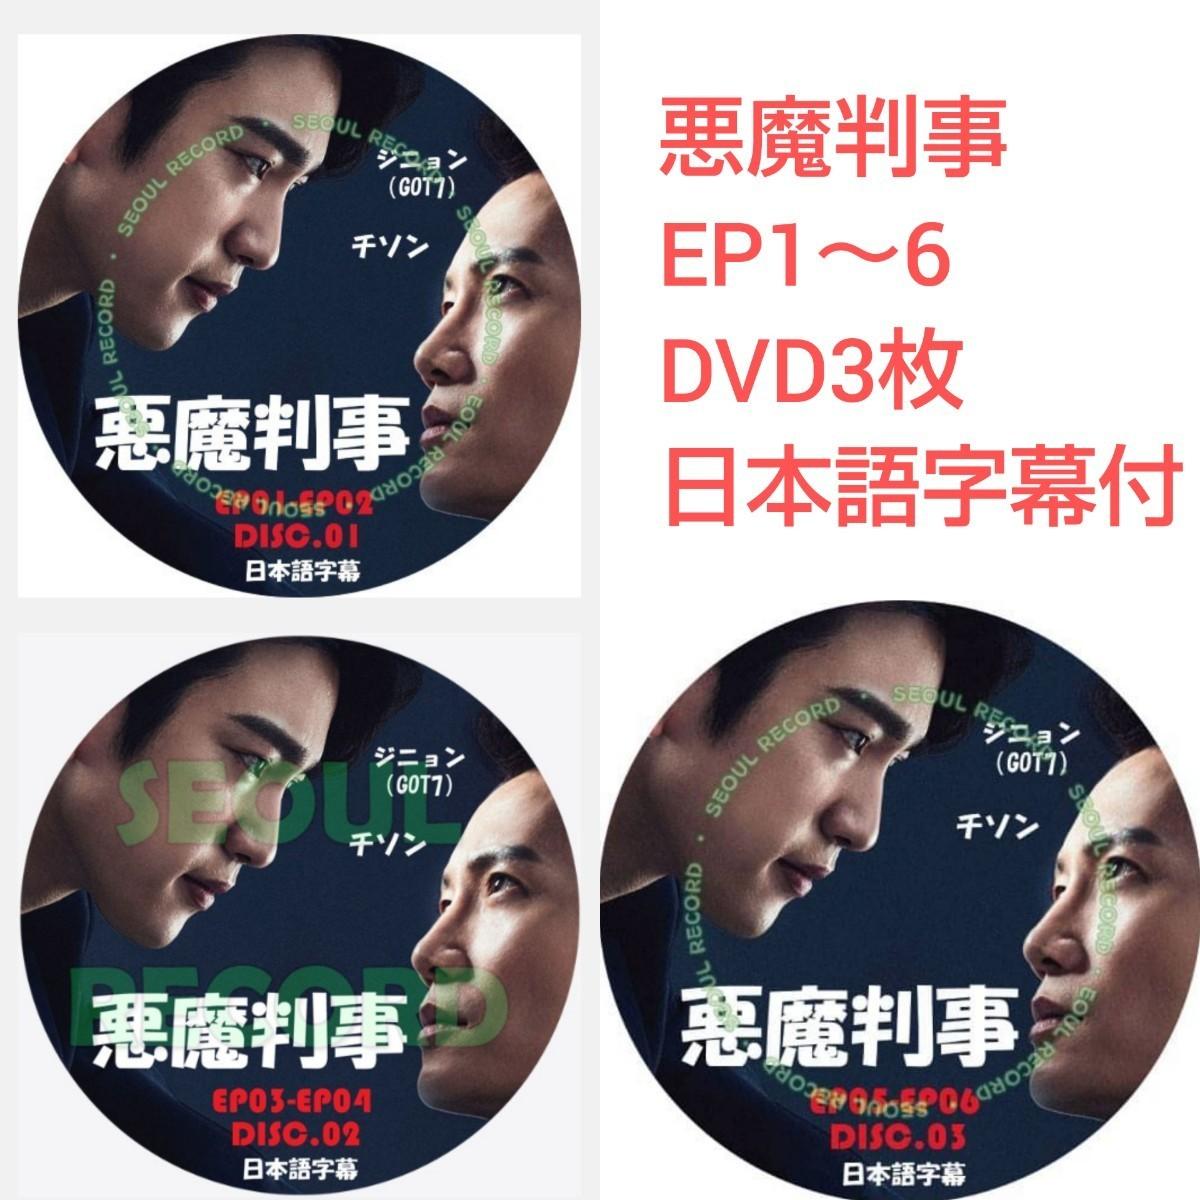 「韓国ドラマ」悪魔判事 (日本語字幕) EP1から6   DVD3枚  レーベル印刷付